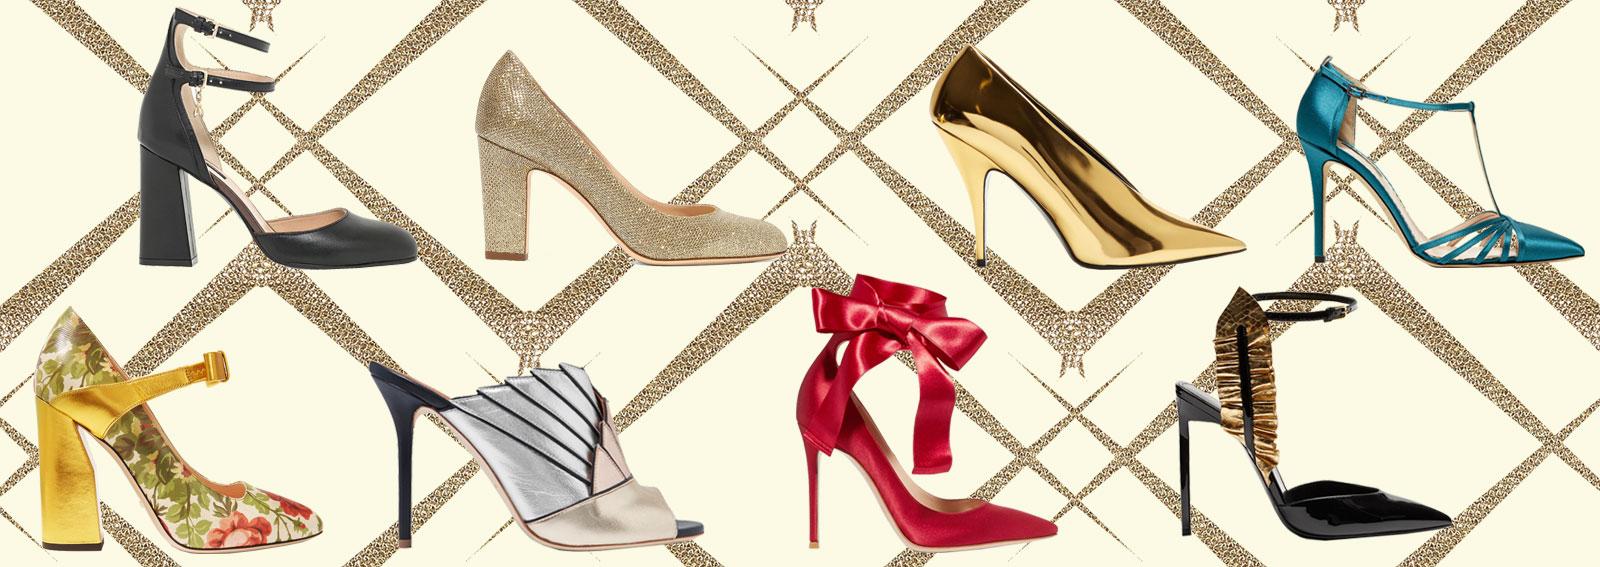 DESKTOP_scarpe_tacchi_alti